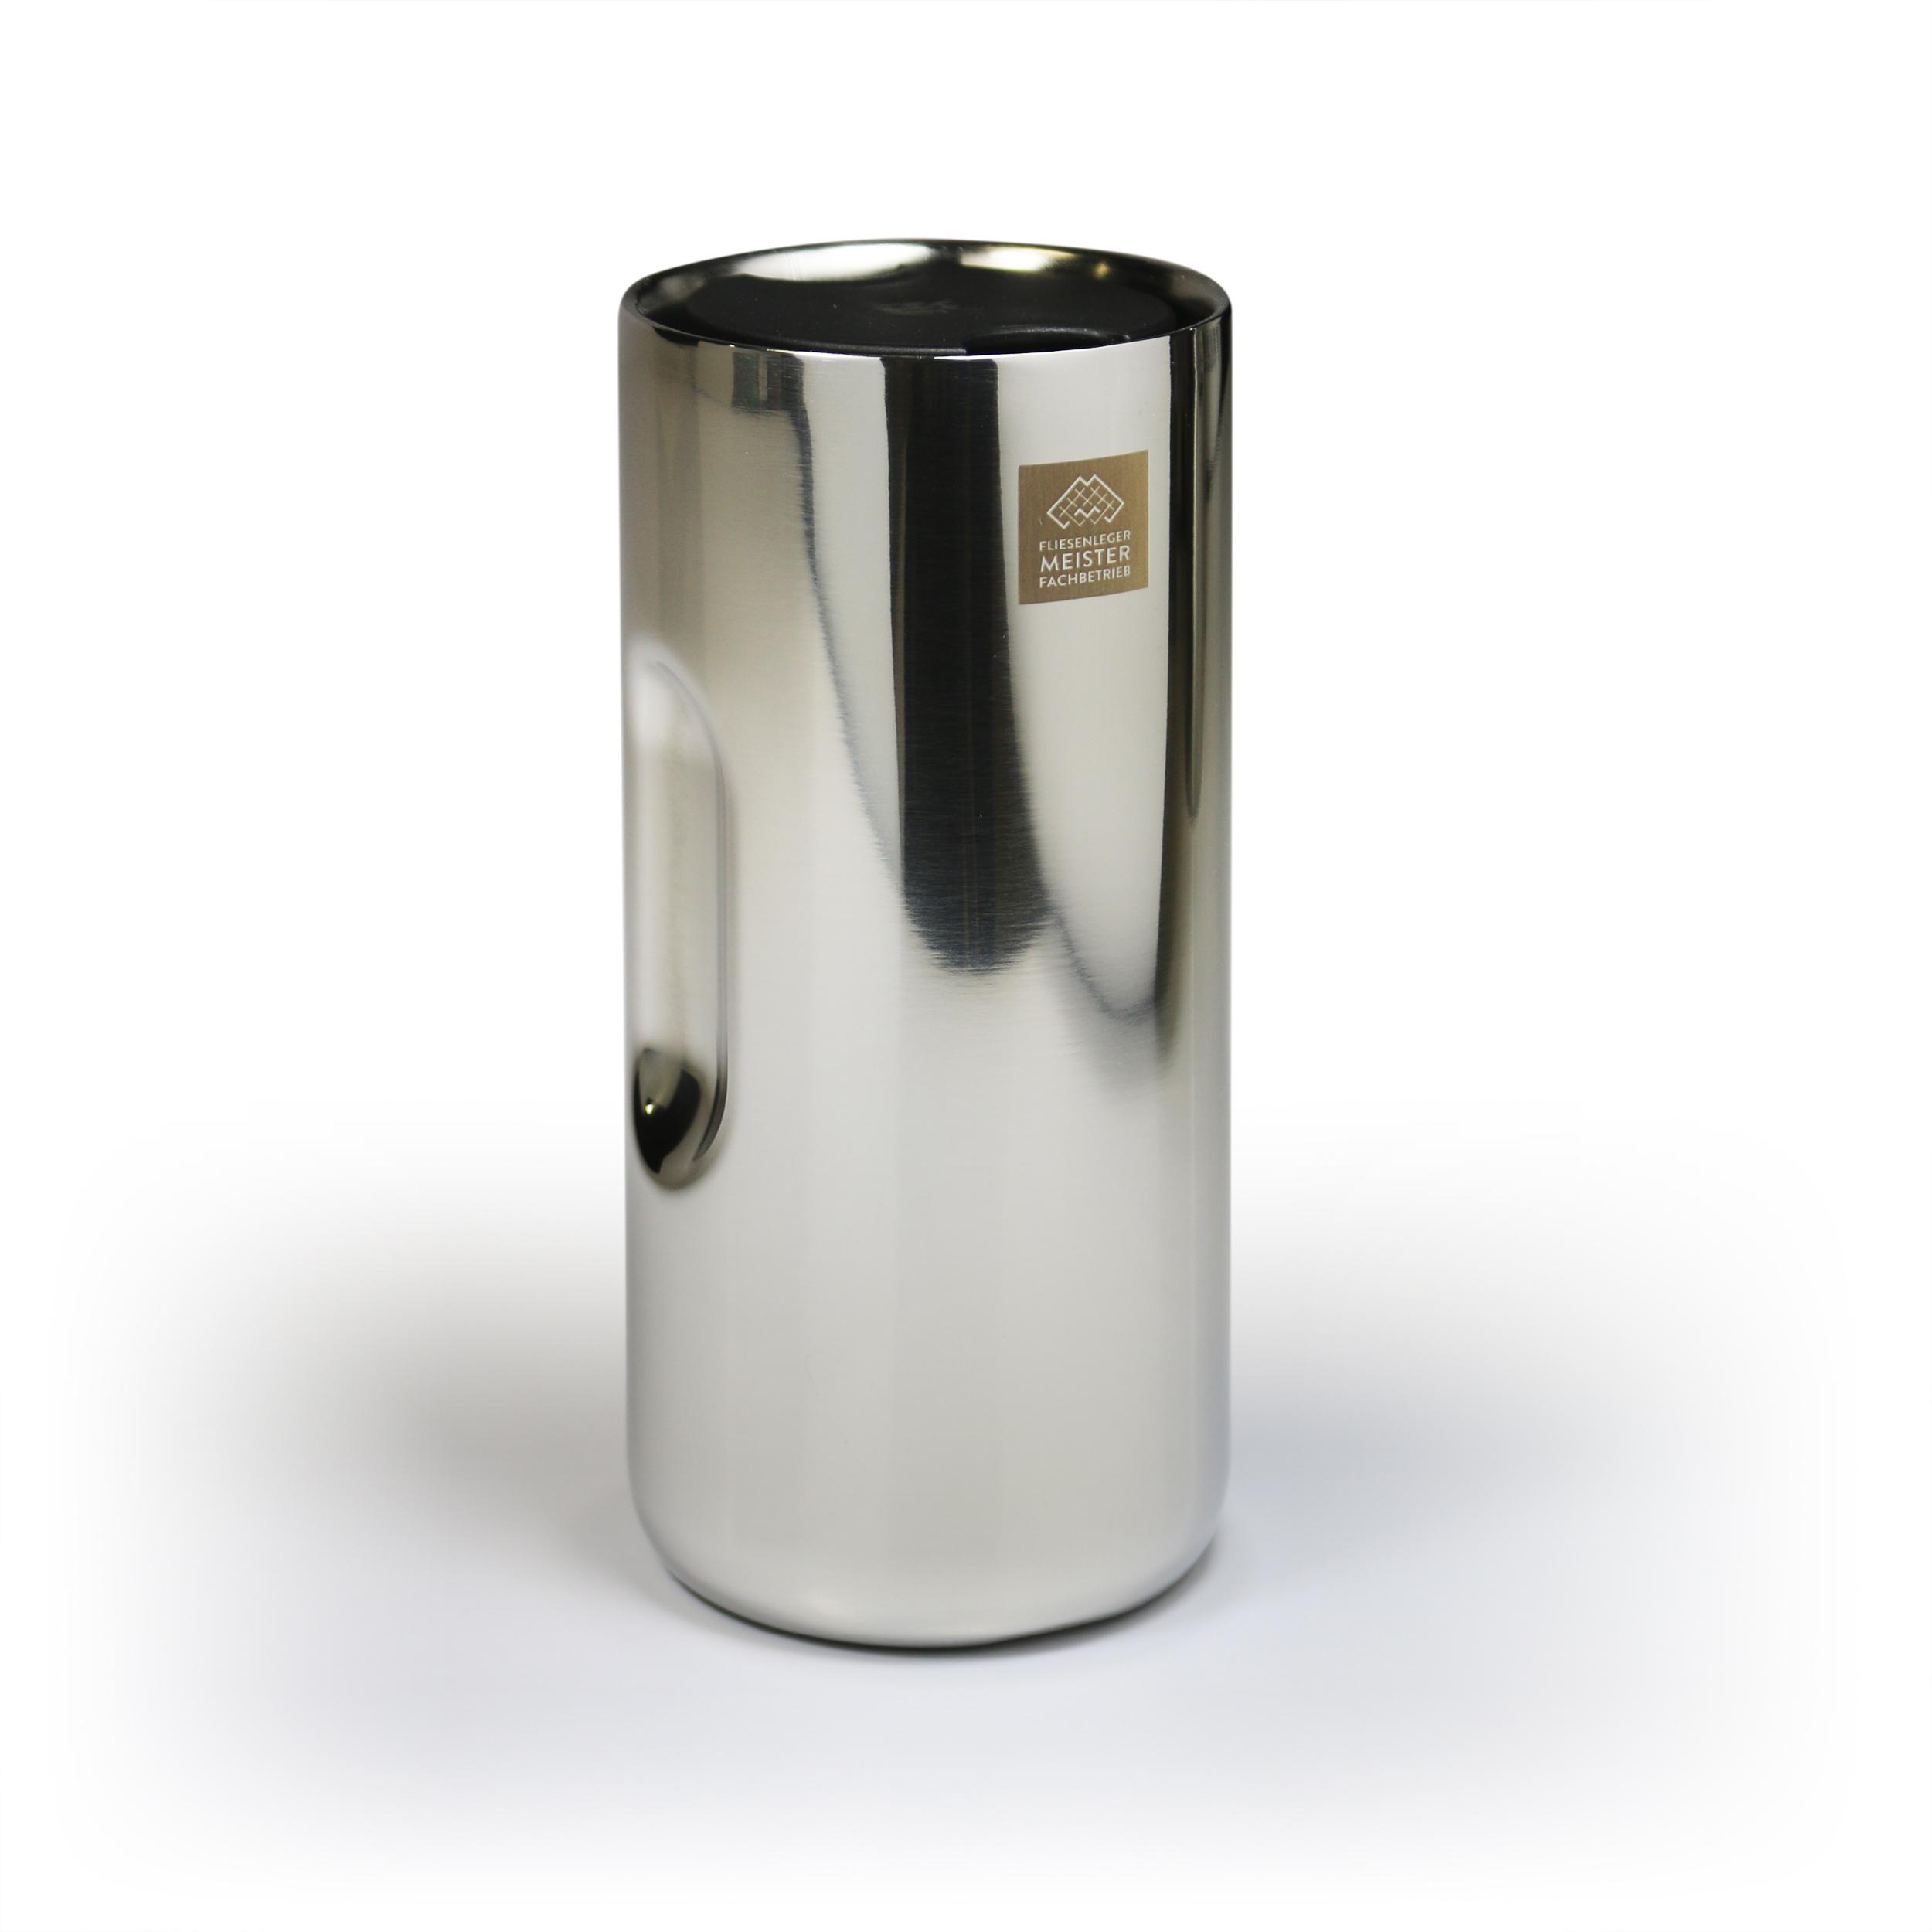 Meister-Thermosbecher von WMF